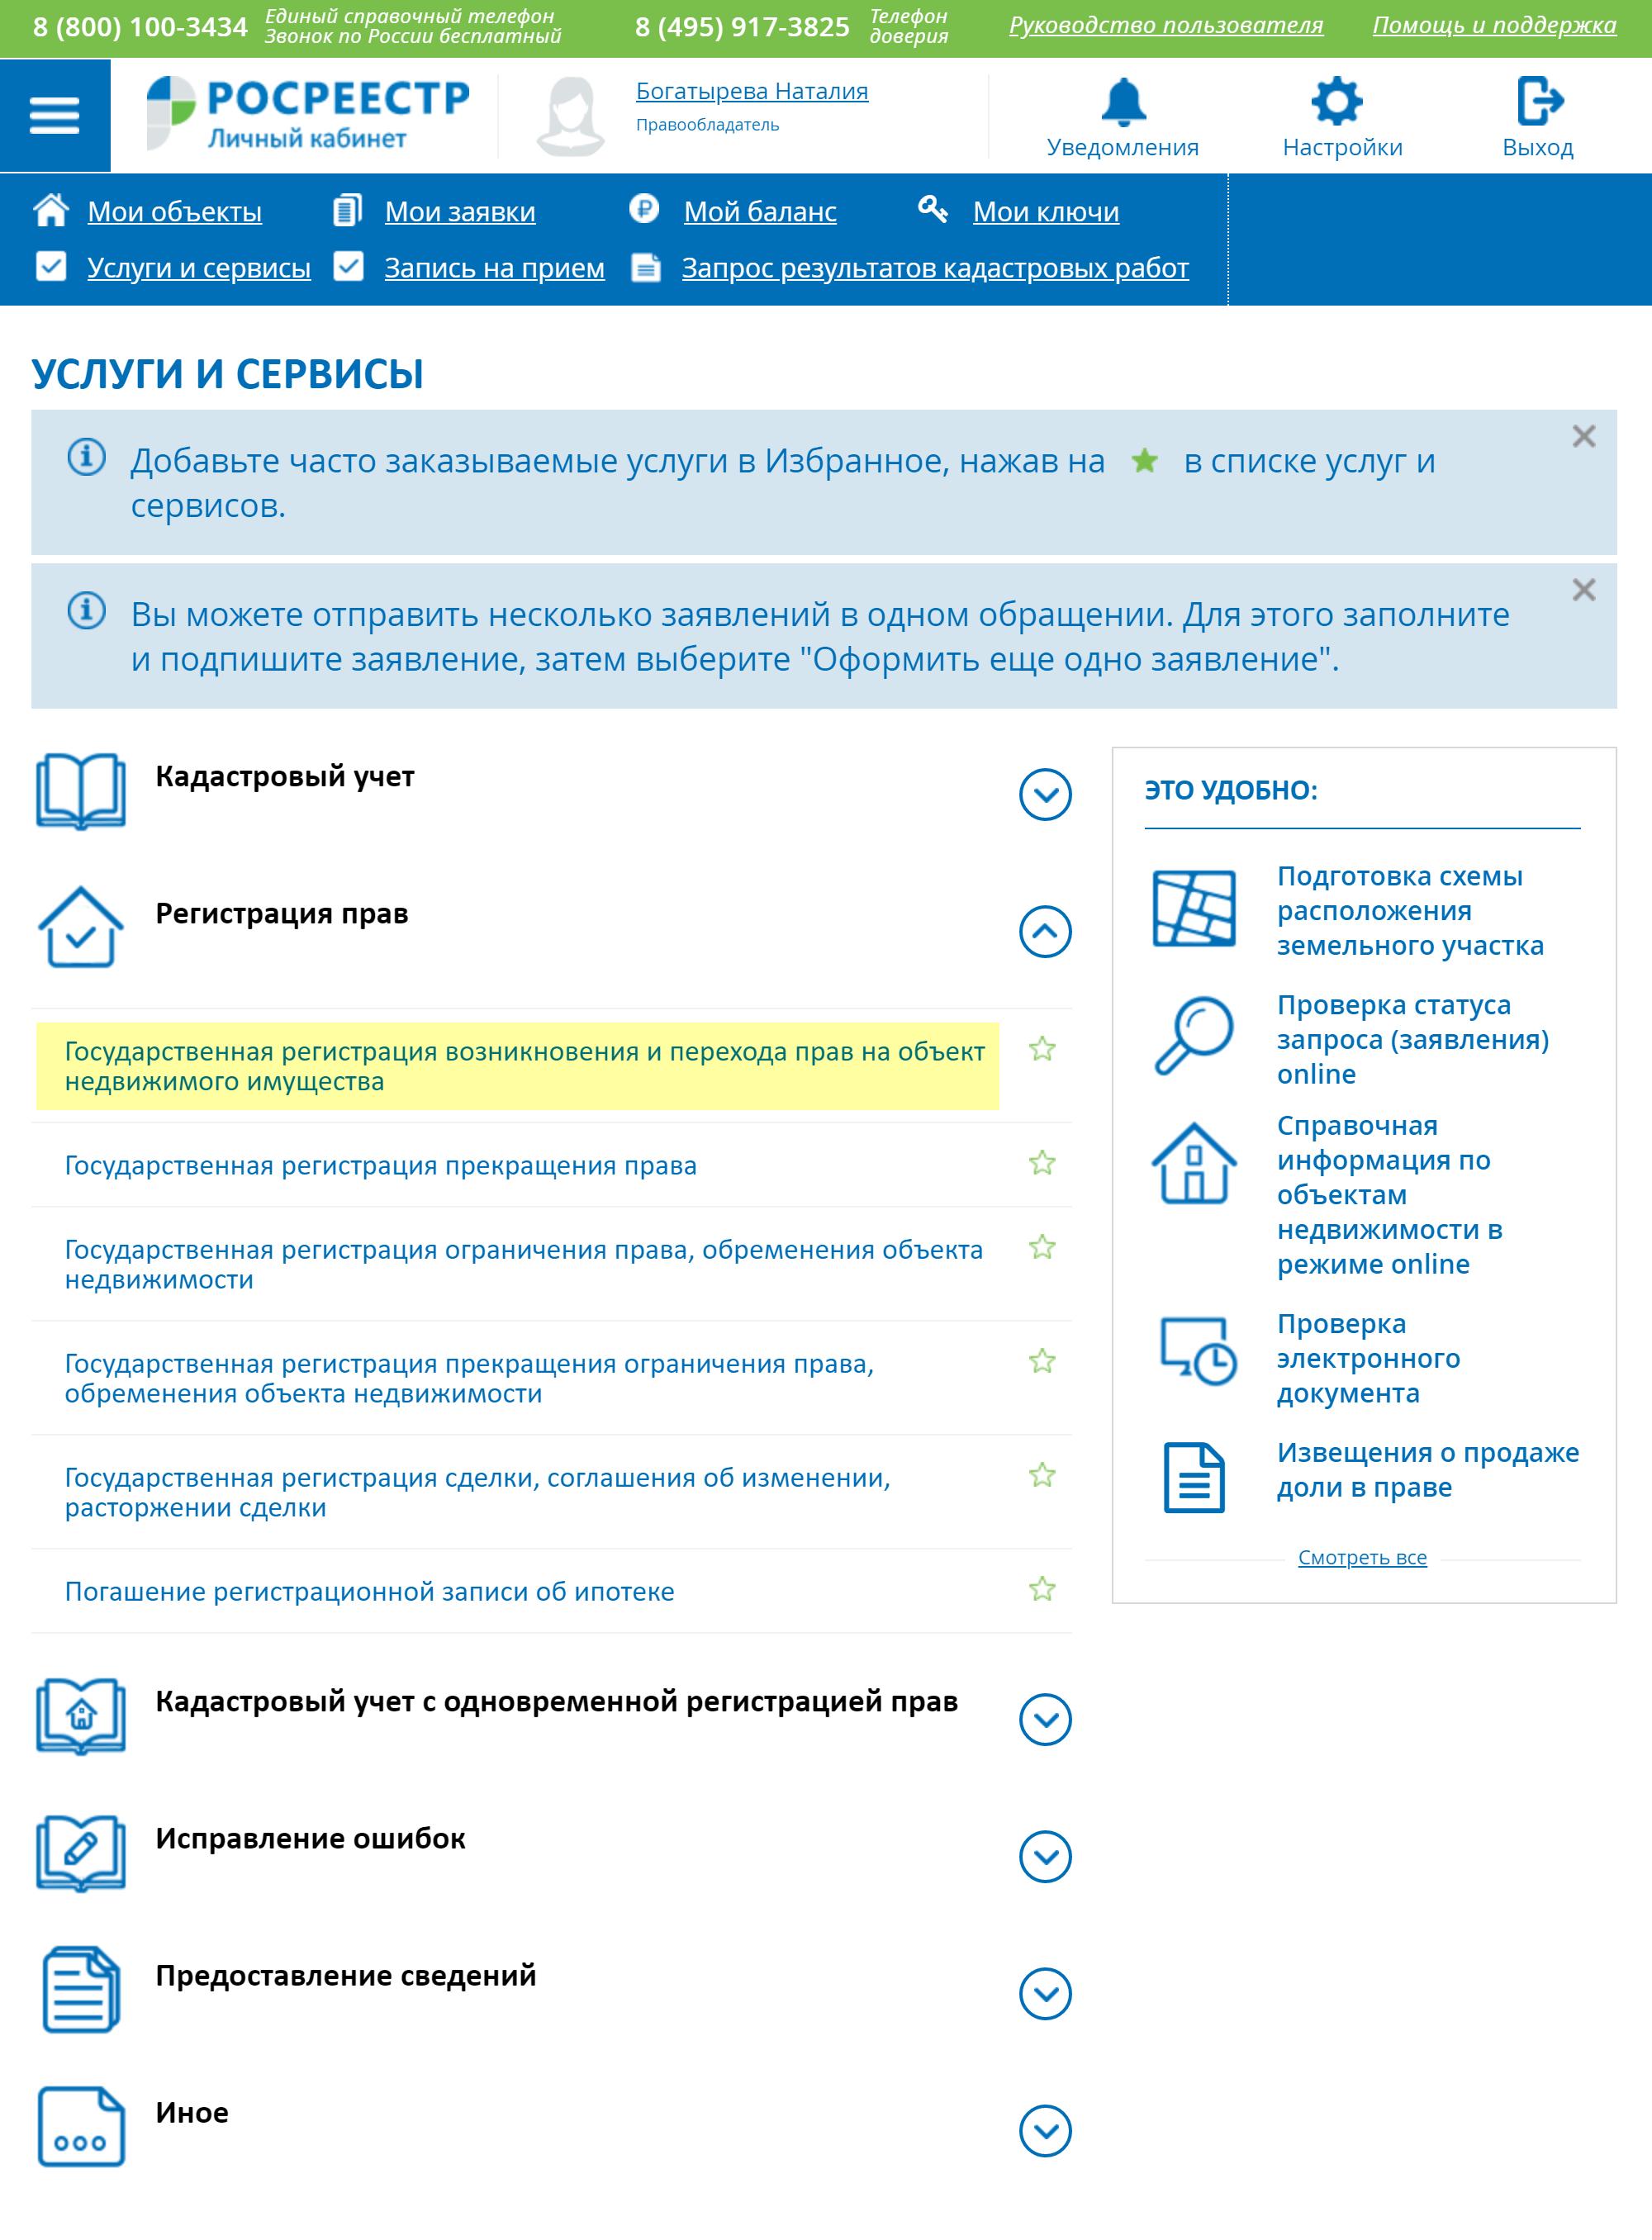 Чтобы зарегистрировать договор дарения в личном кабинете на сайте Росреестра, выберите раздел «Регистрация прав», а в нем — «Государственная регистрация возникновения и перехода прав на объект недвижимого имущества». Дальше нужно будет заполнить личные данные, их система подтянет из аккаунта на госуслугах